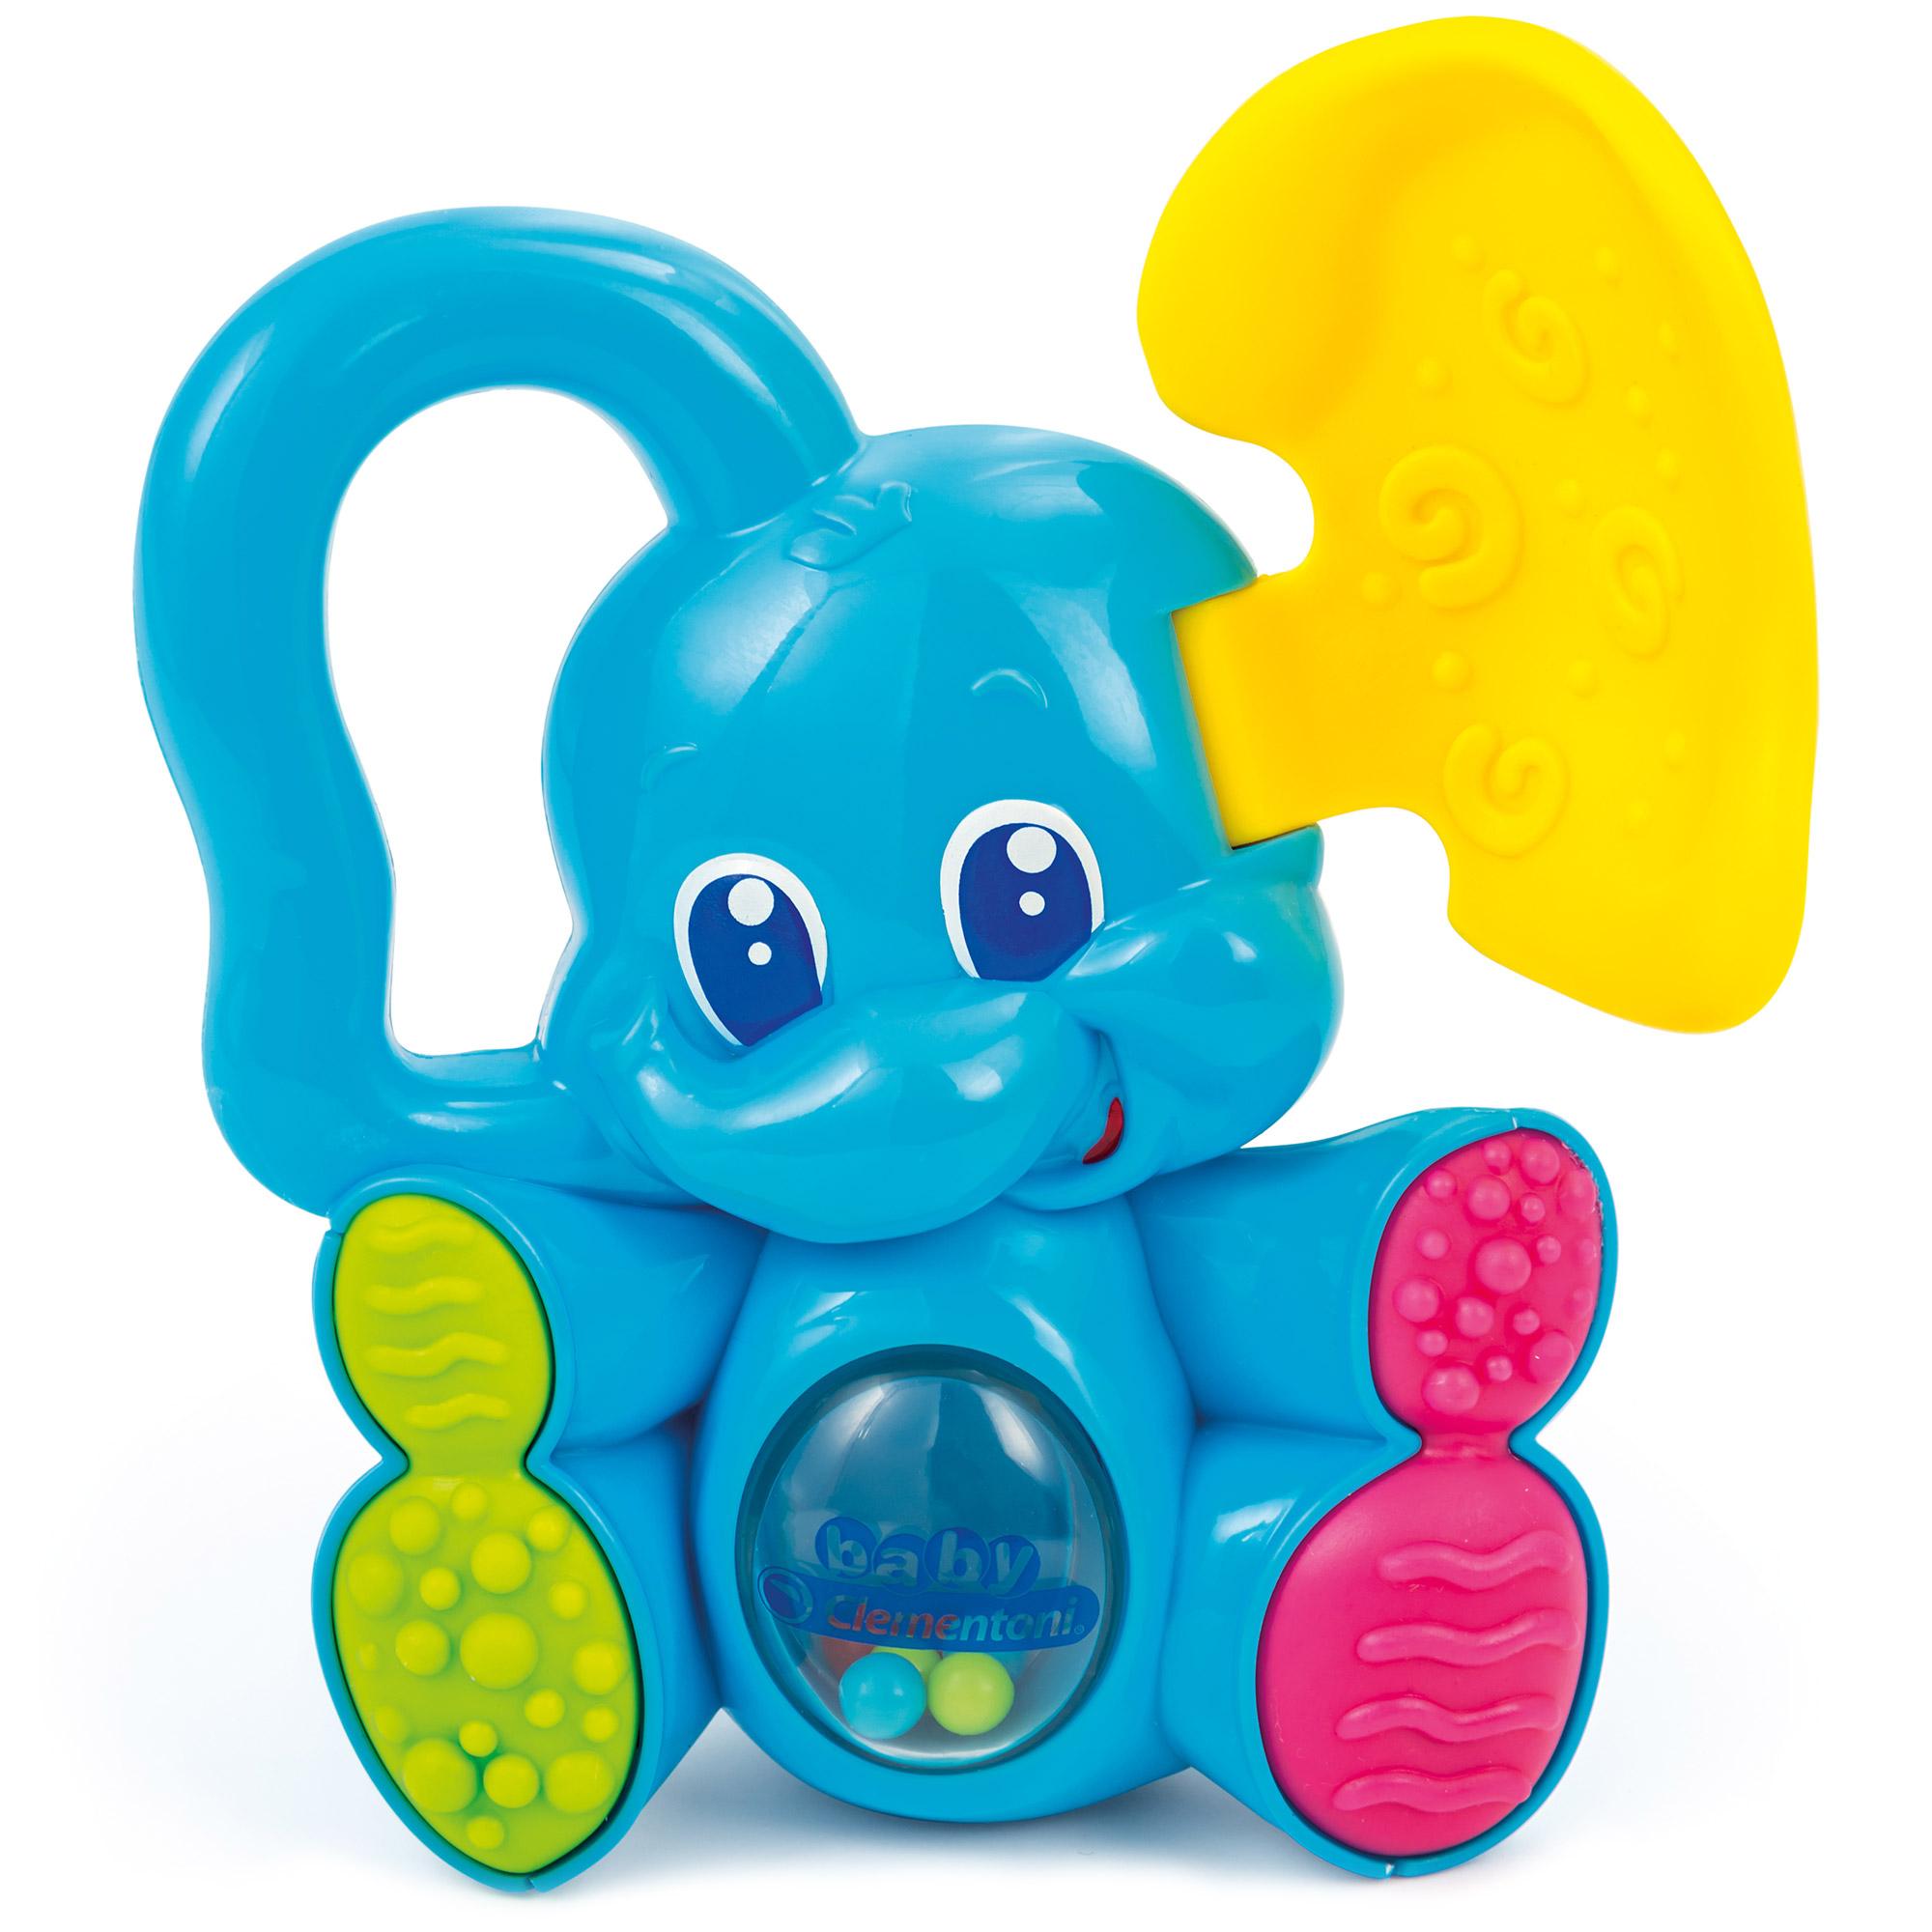 Zornaitoare Elefant Cl...